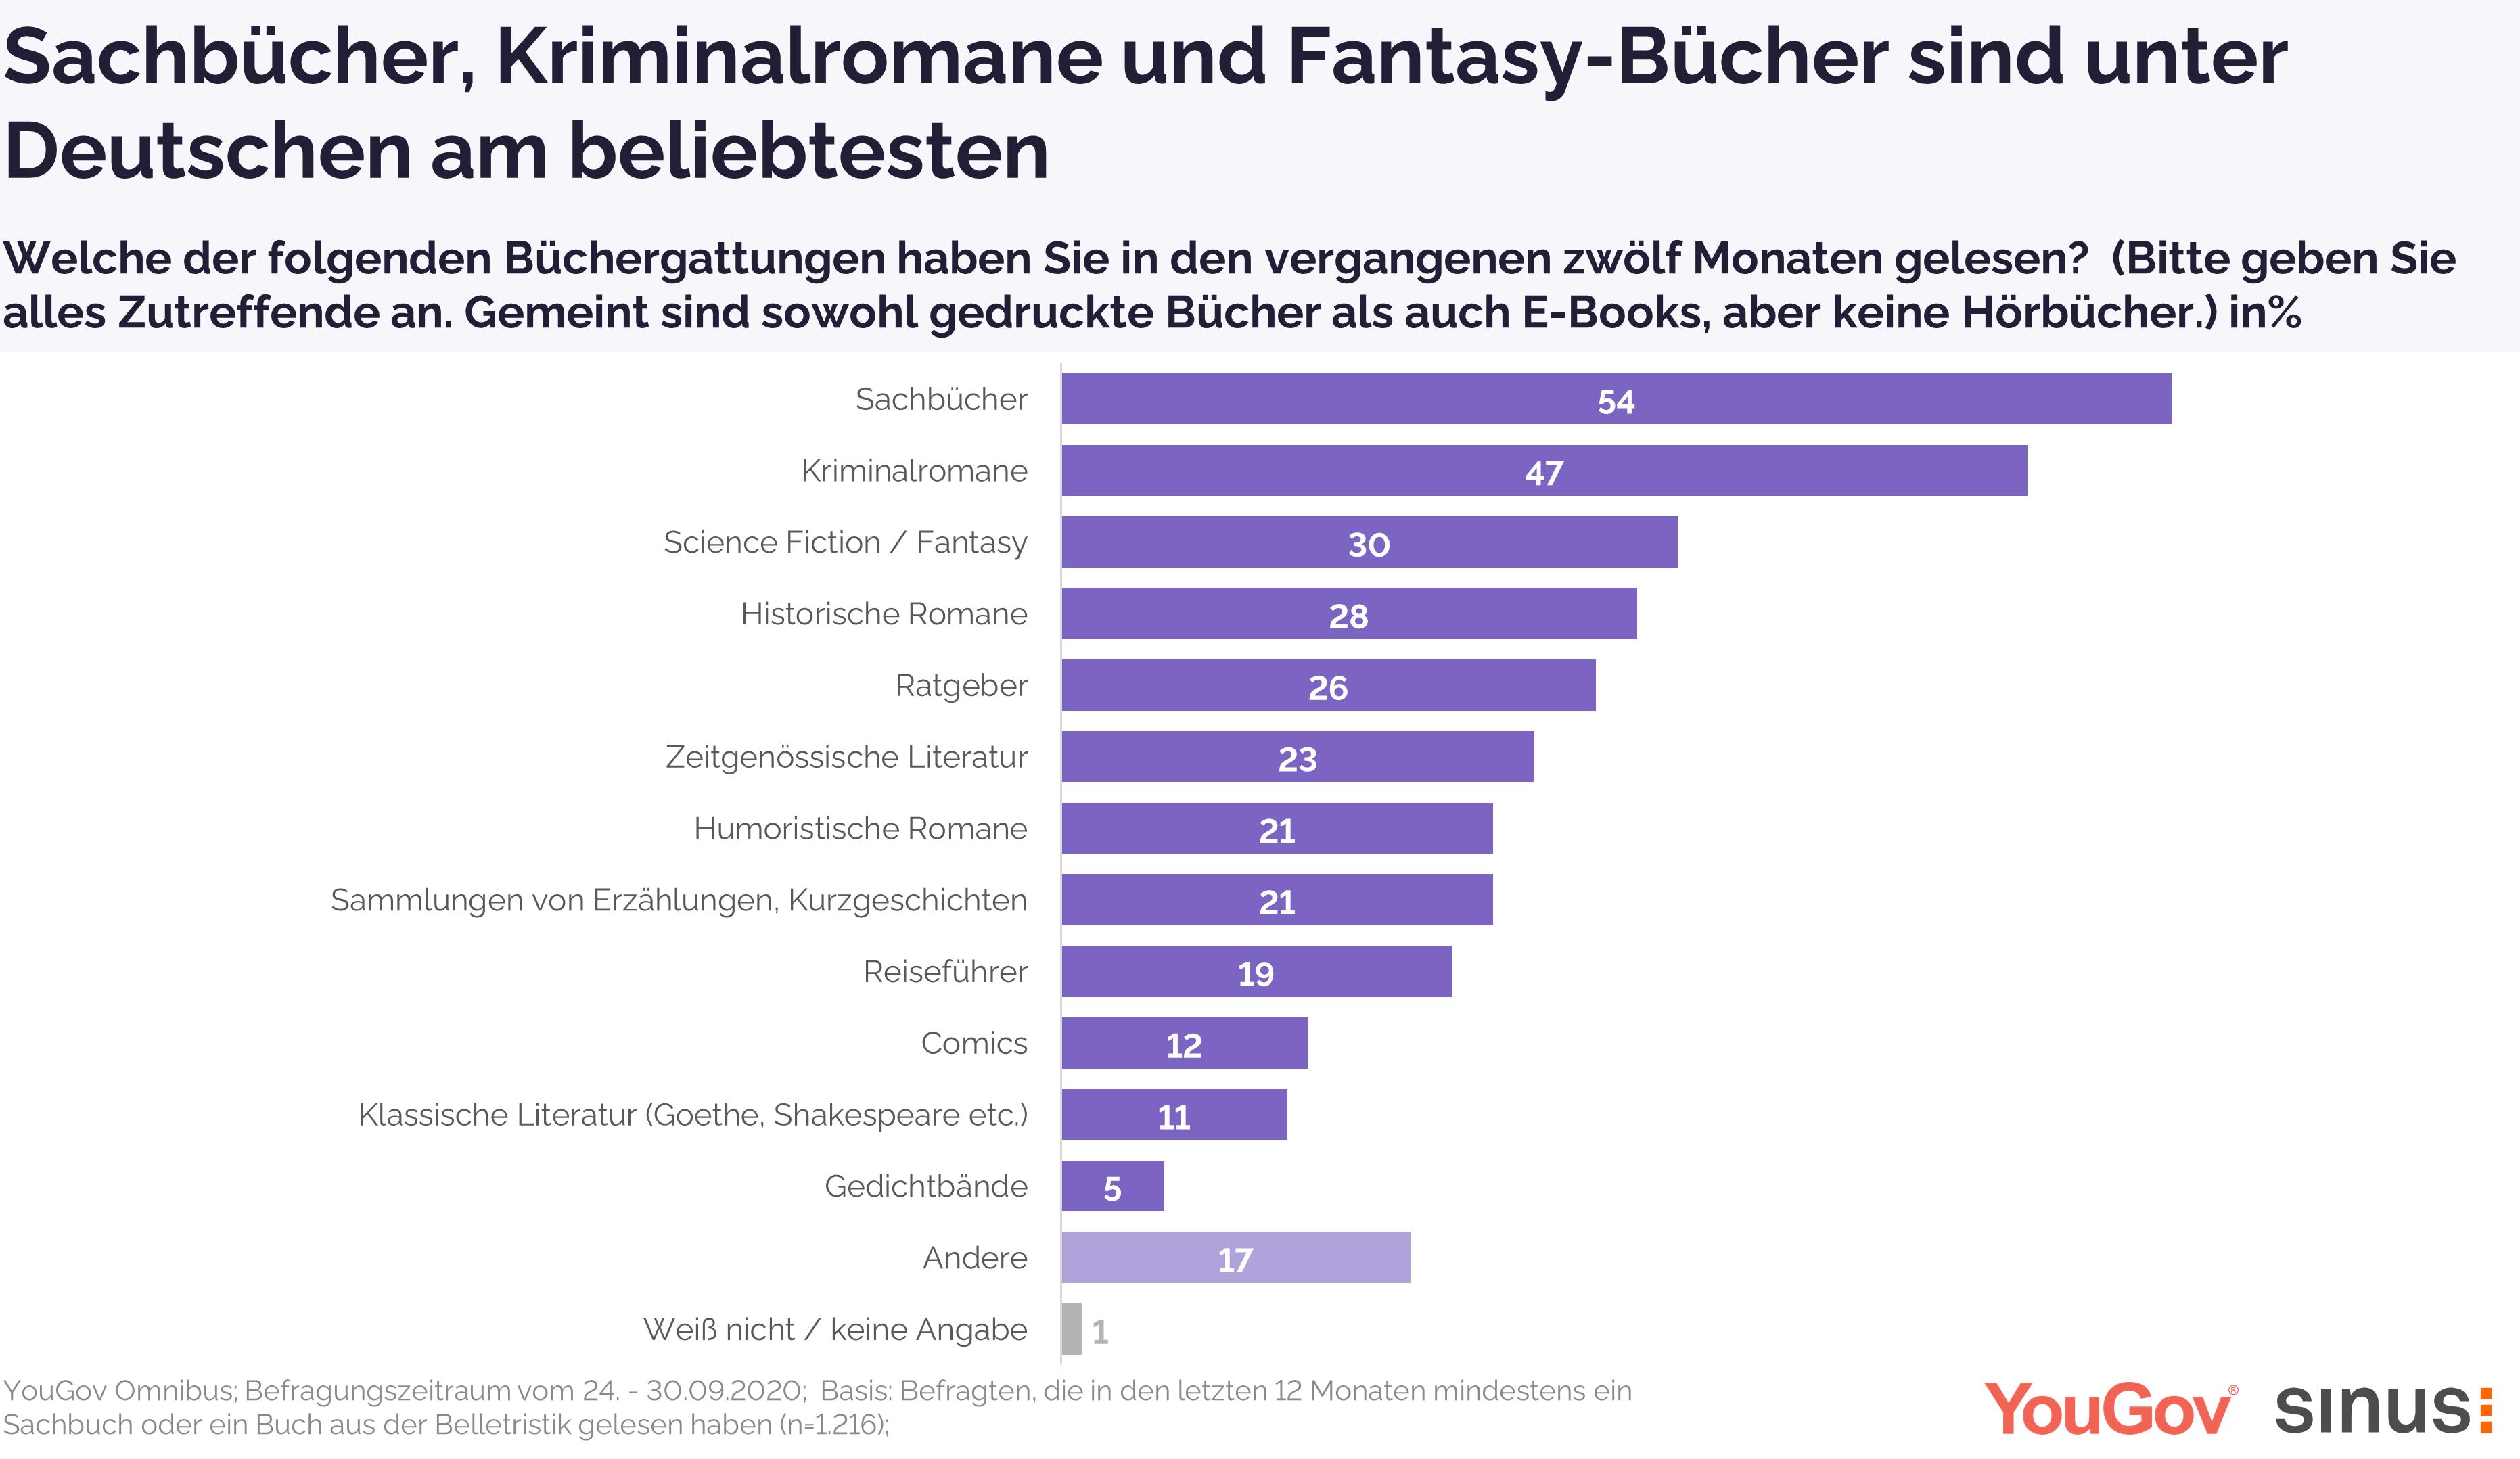 Sachbücher und Kriminalromane am häufigsten gelesen